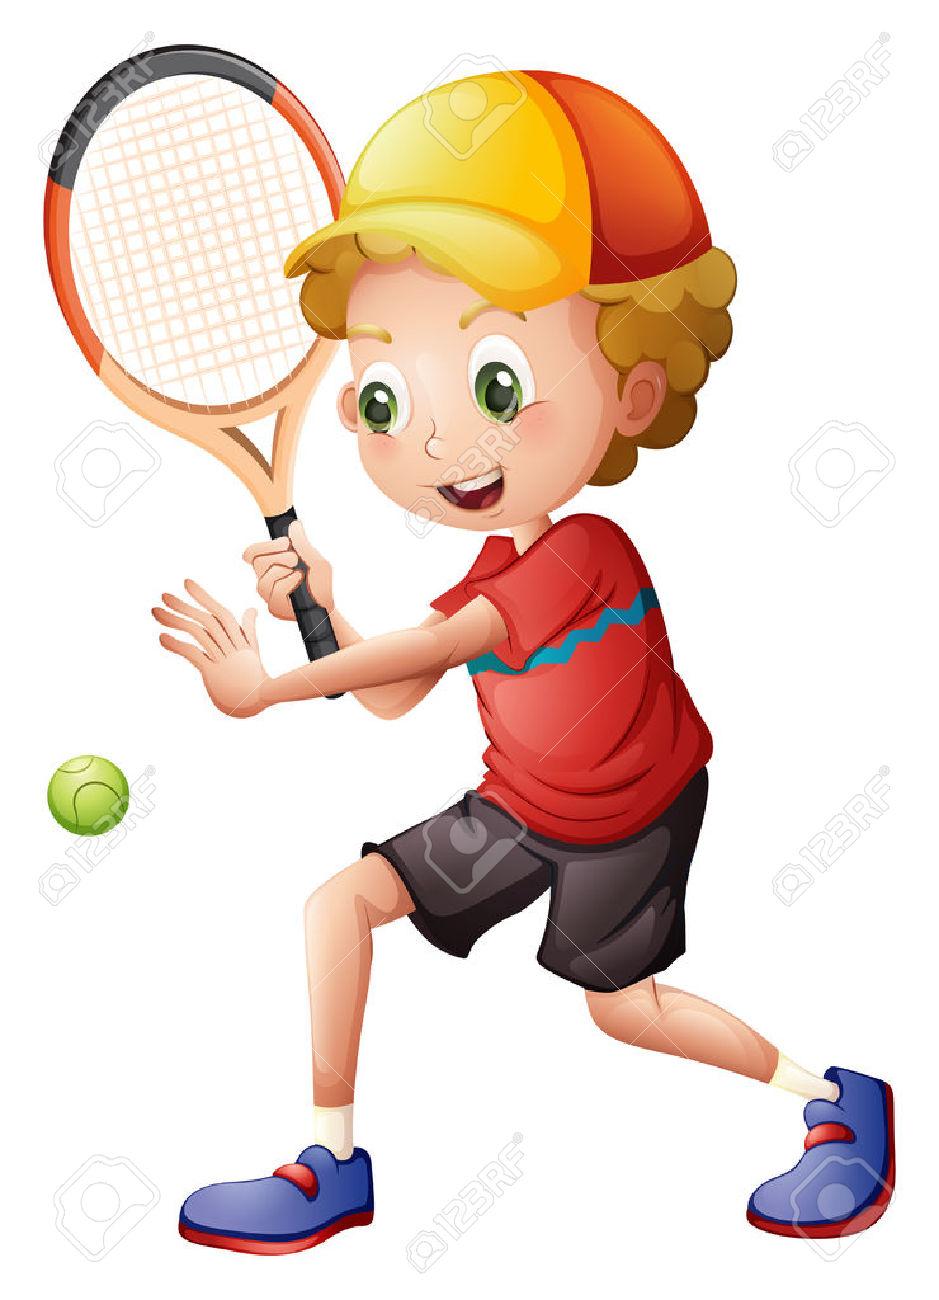 28202899-Illustrazione-di-un-ragazzo-carino-giocare-a-tennis-su-uno-sfondo-bianco-Archivio-Fotografico